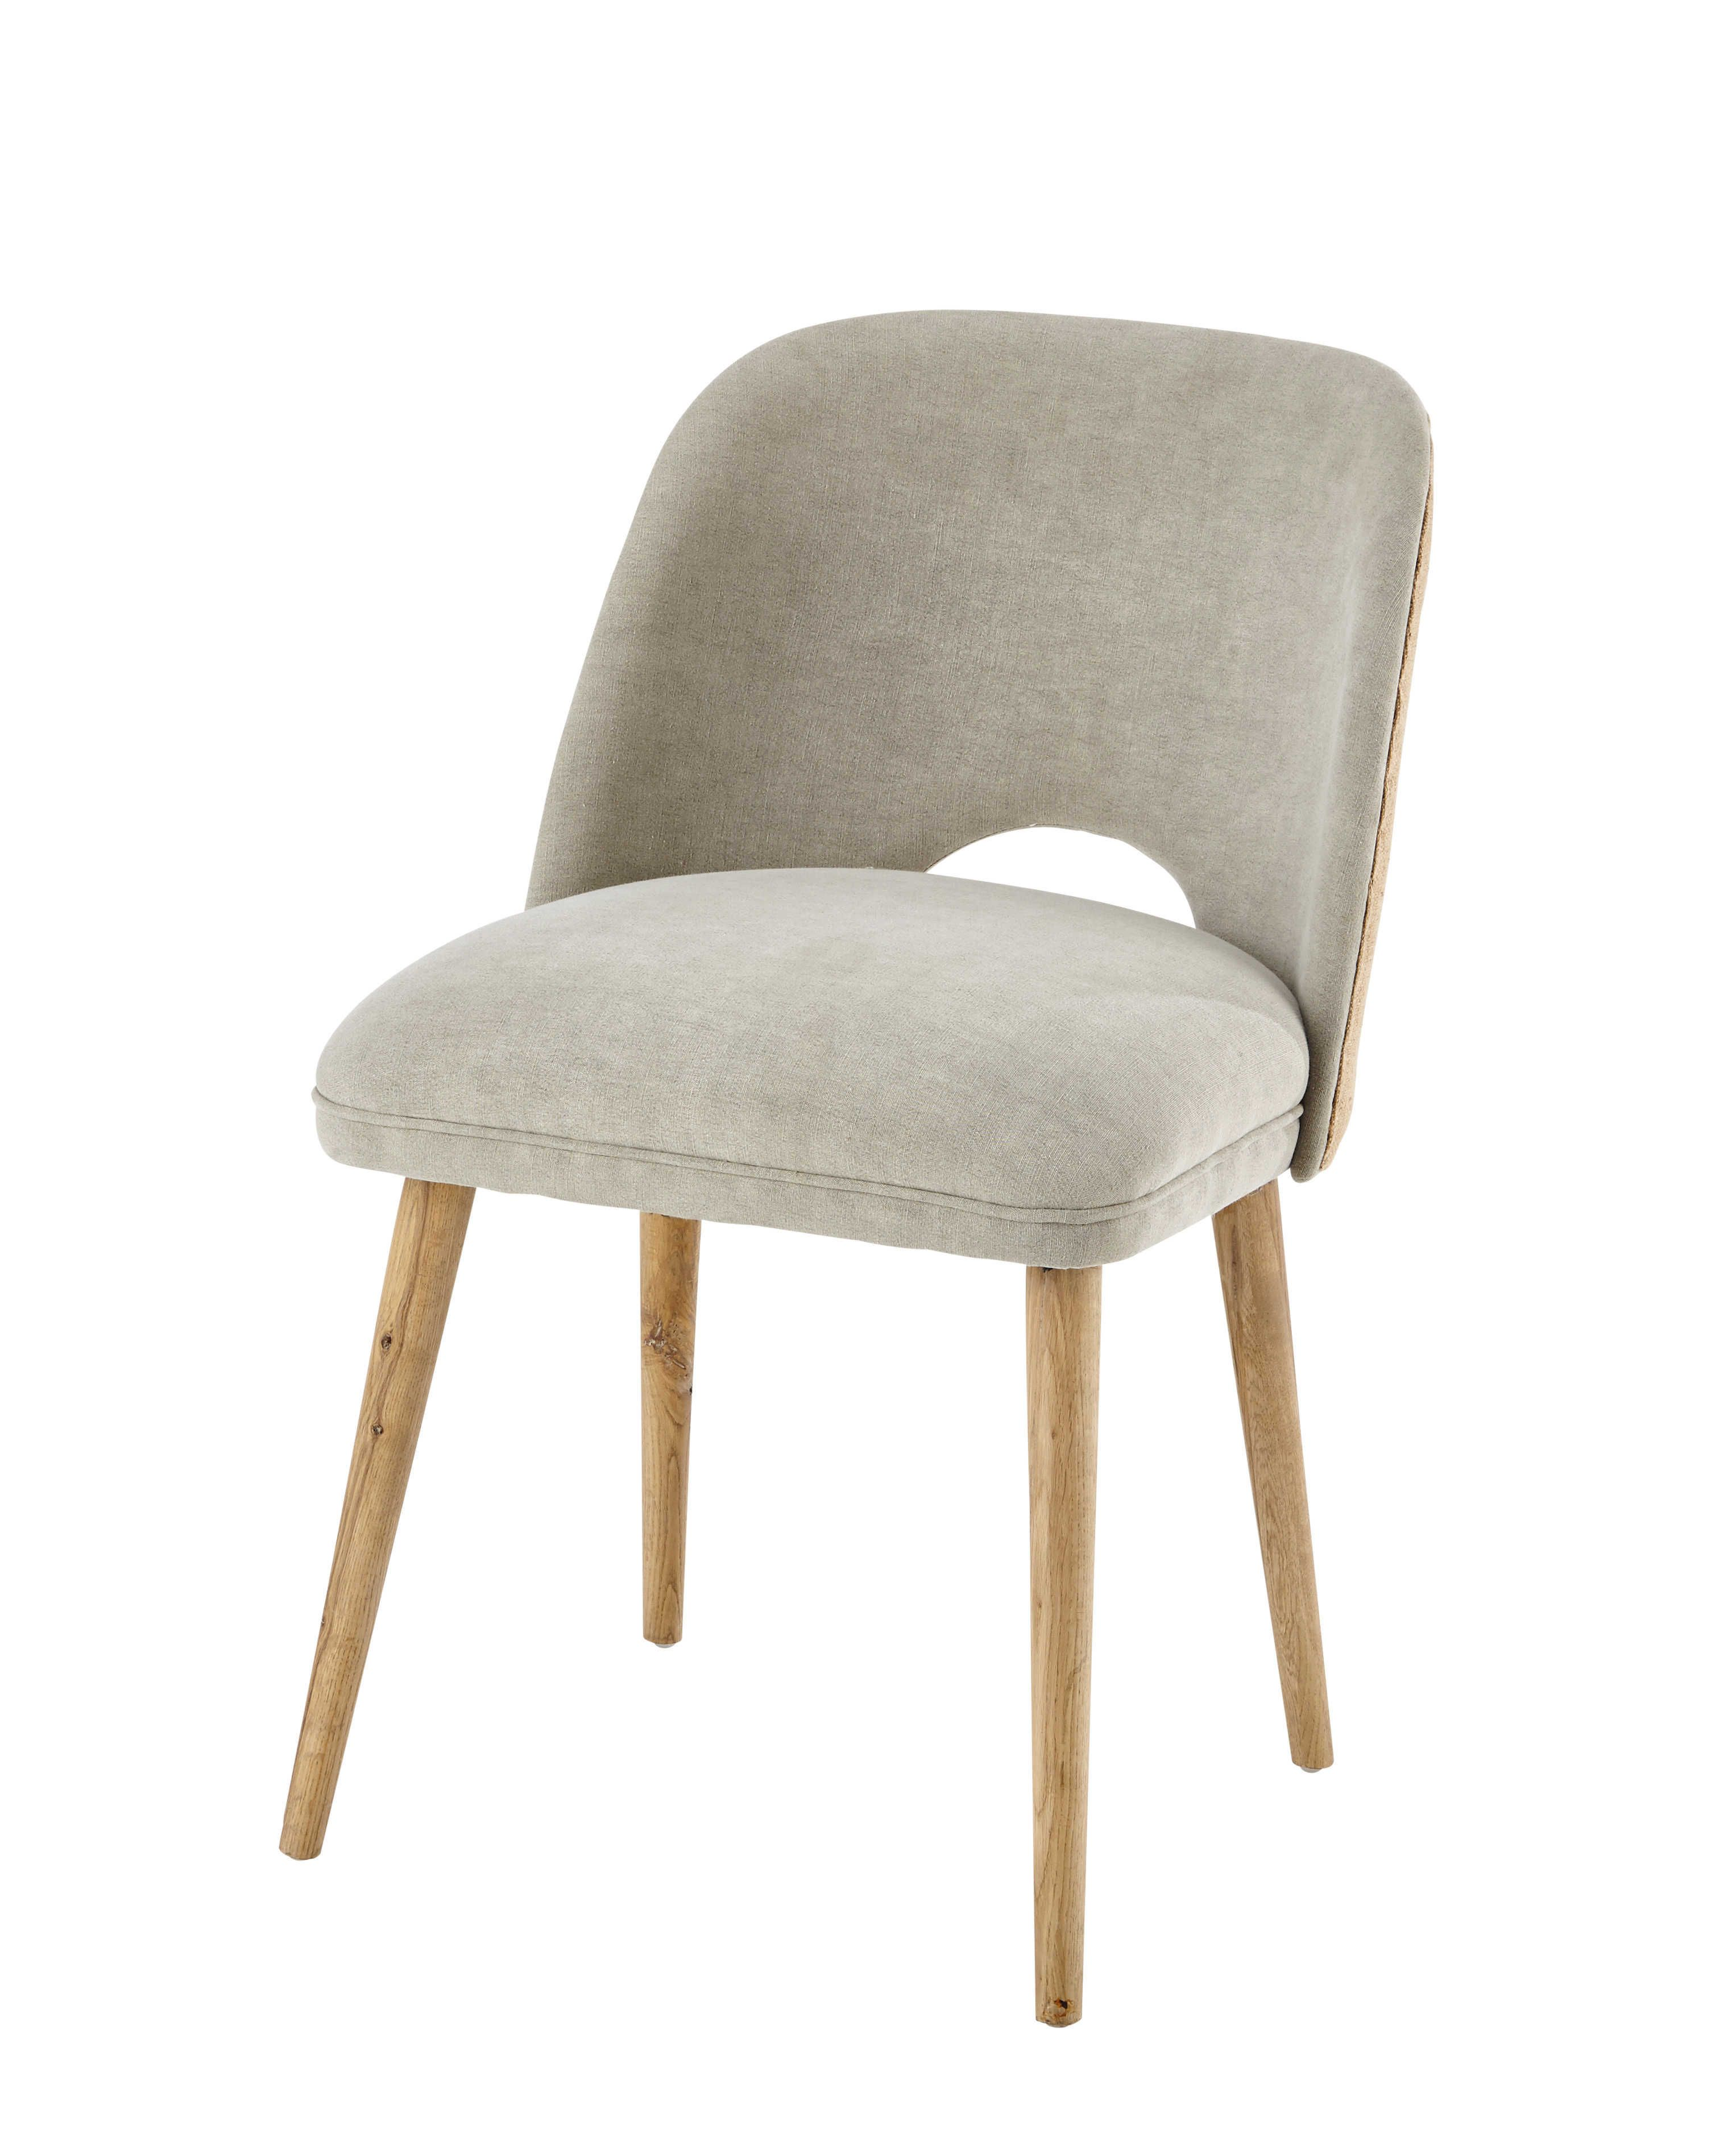 Silla de lino y roble macizo roble macizo roble y sillas for Sillas maison du monde